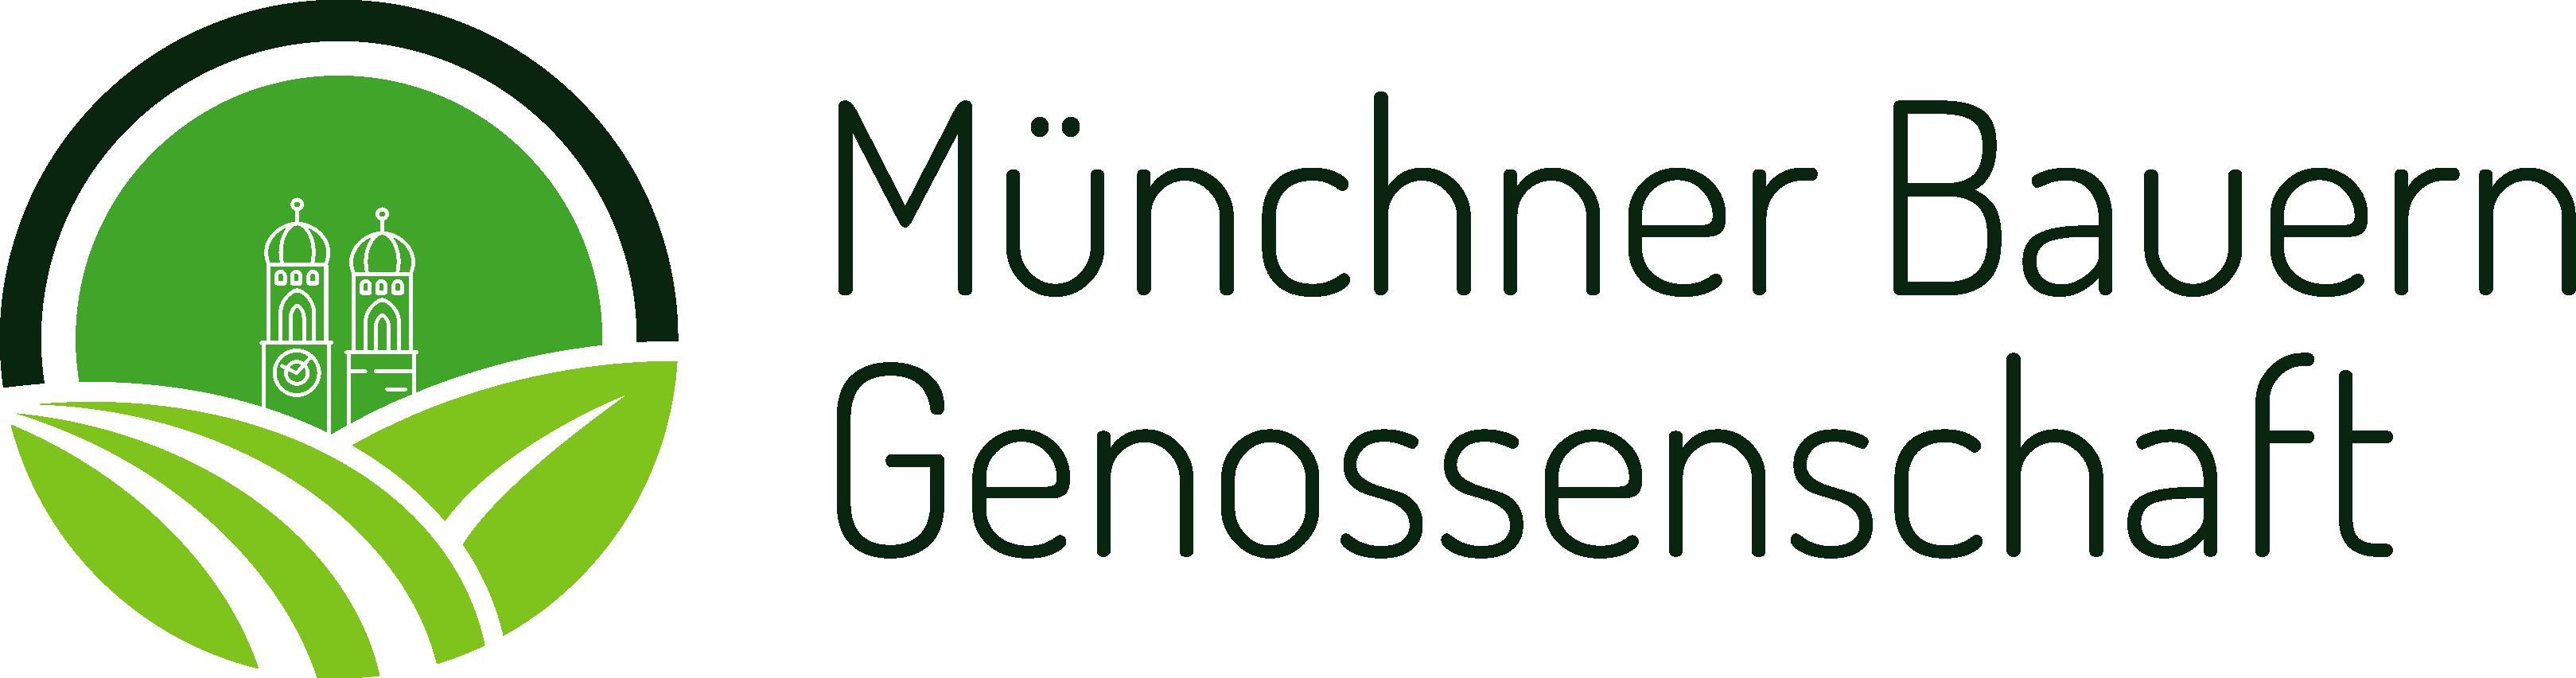 Münchner_Bauern_Genossenschaft_Logo